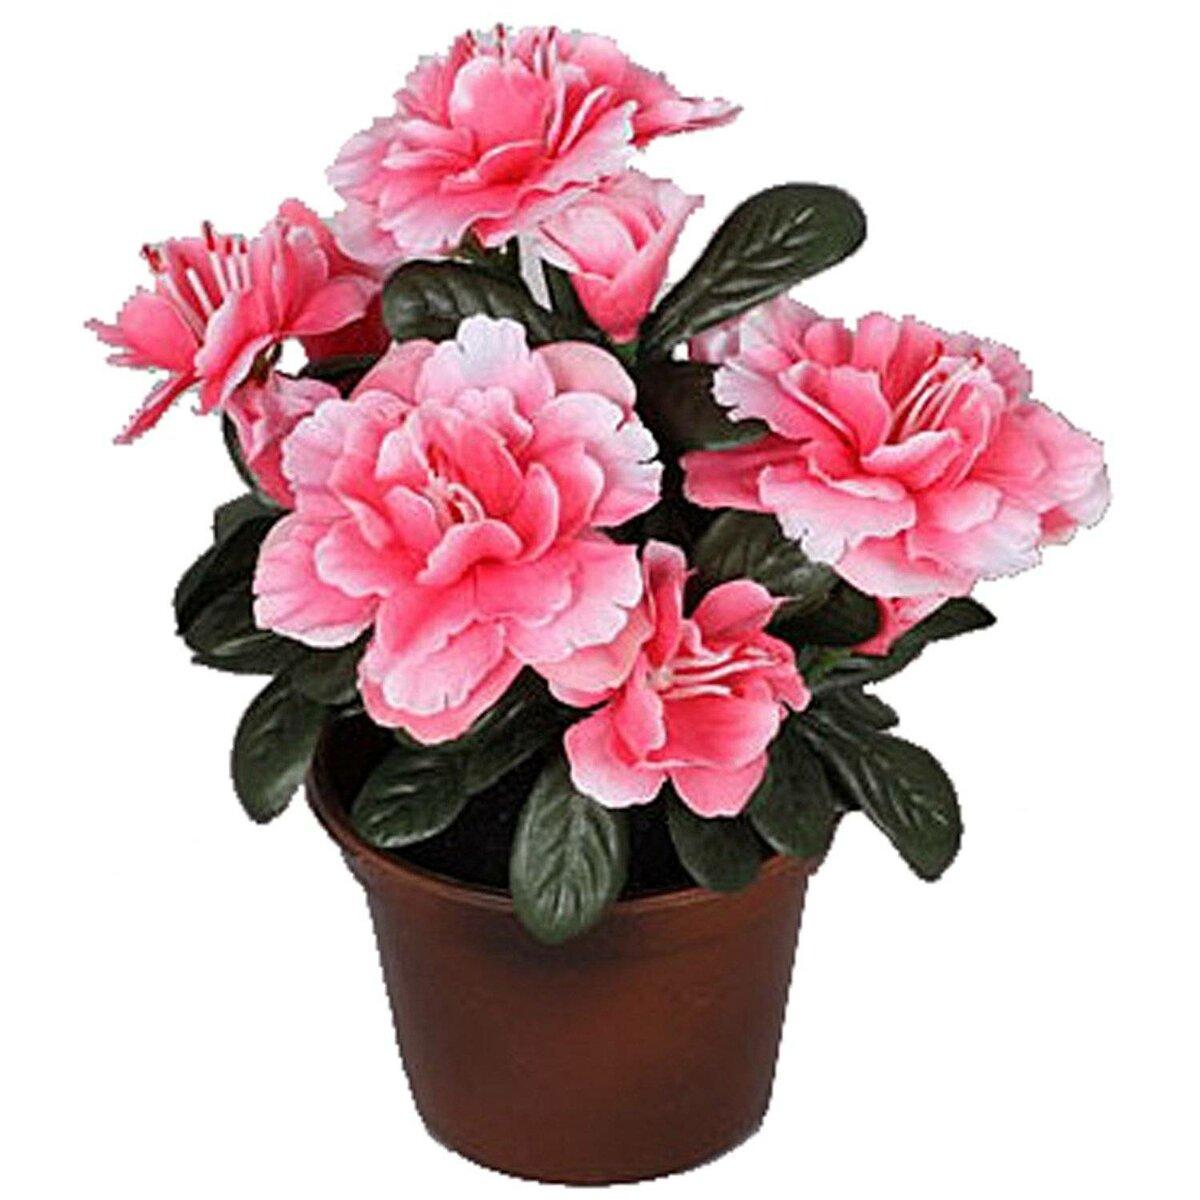 картинки розовых комнатных цветов и их названия разошлась, живут